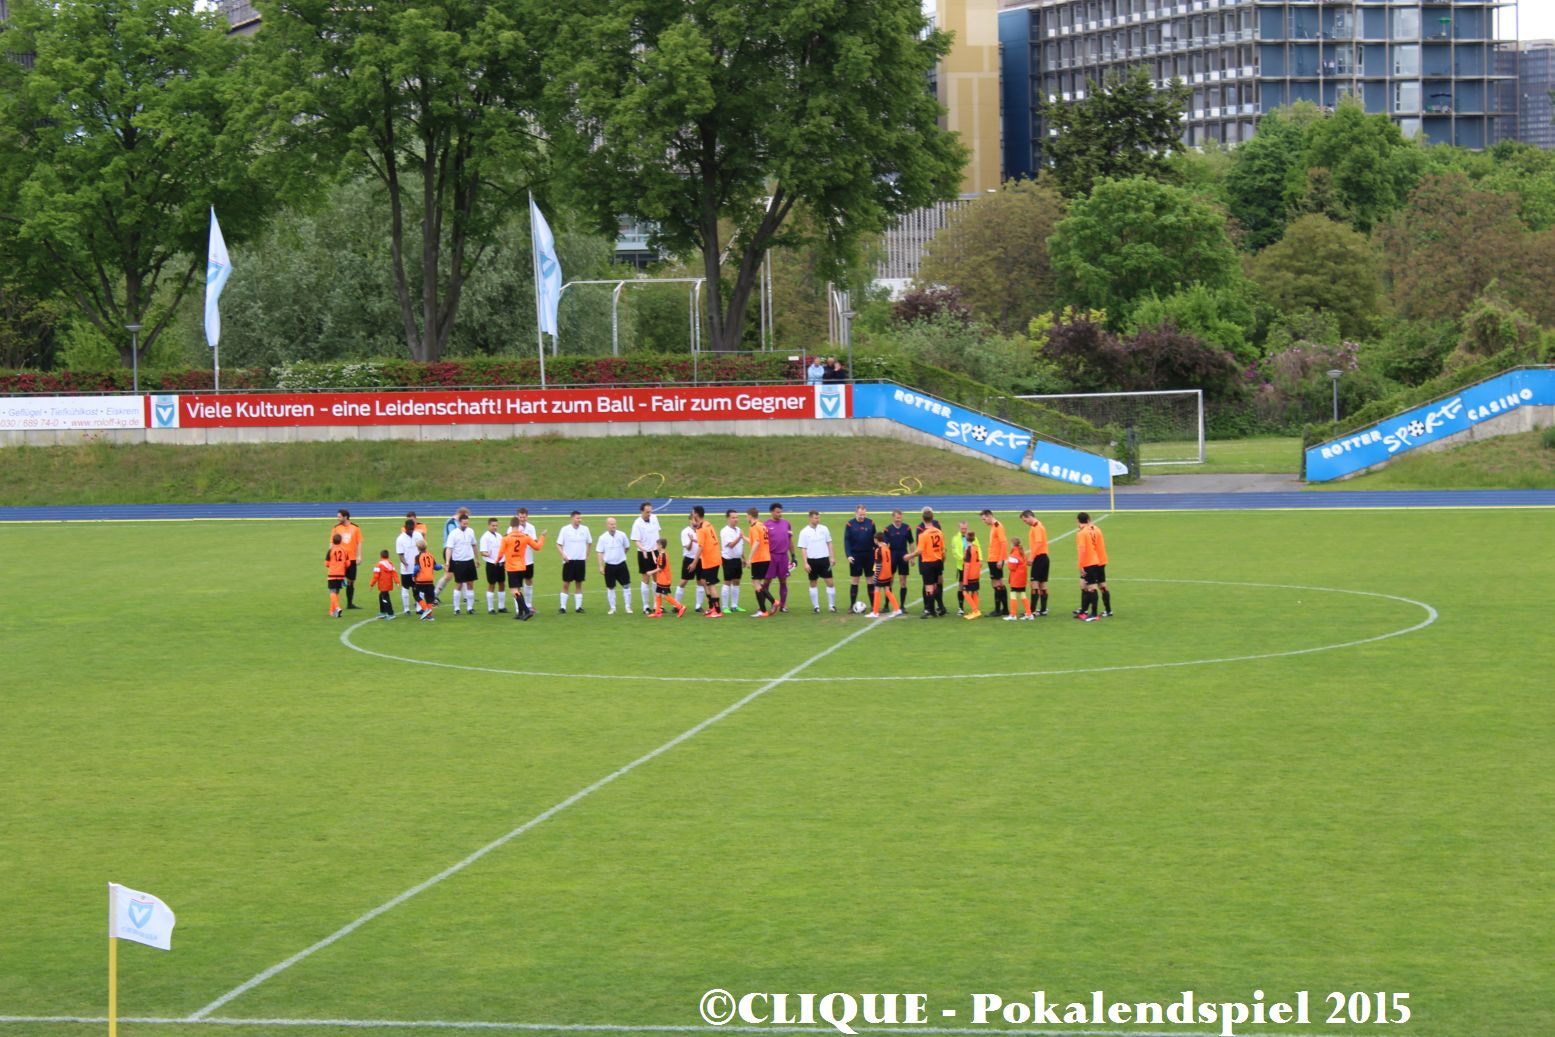 Pokalendspiel Berlin